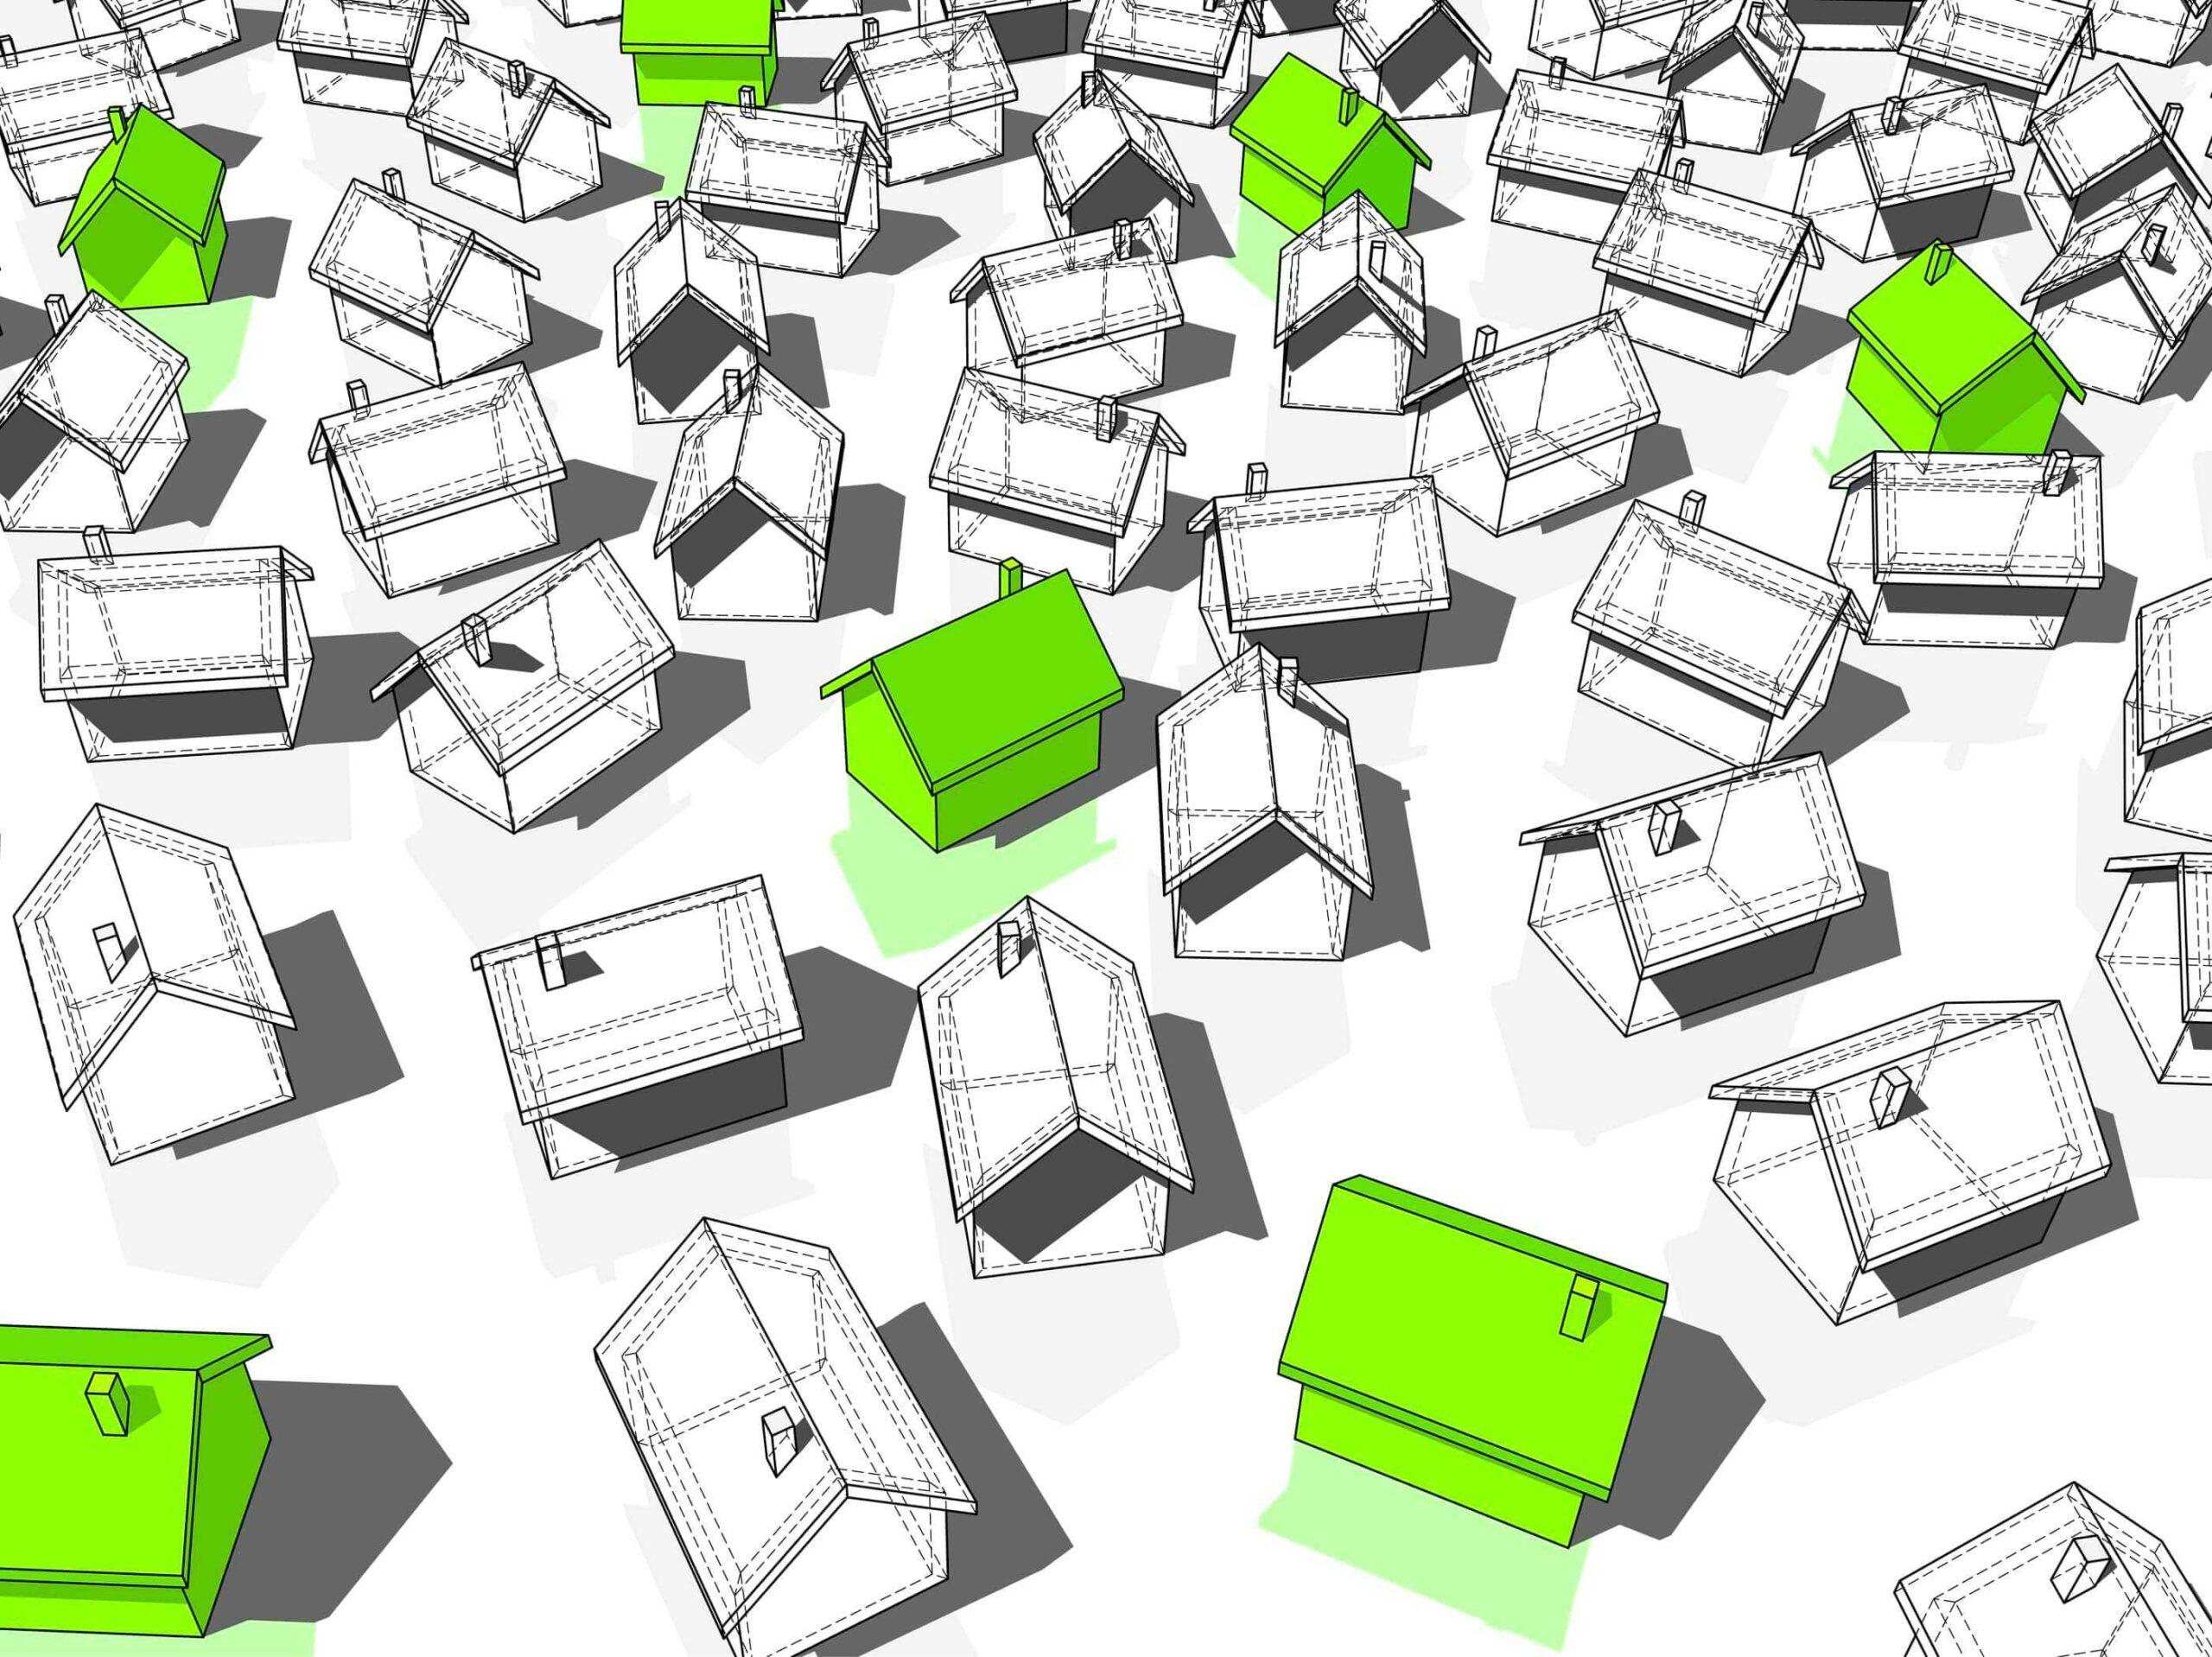 Оптимизация налогов аренда недвижимости 1с бухгалтерия обучение видео